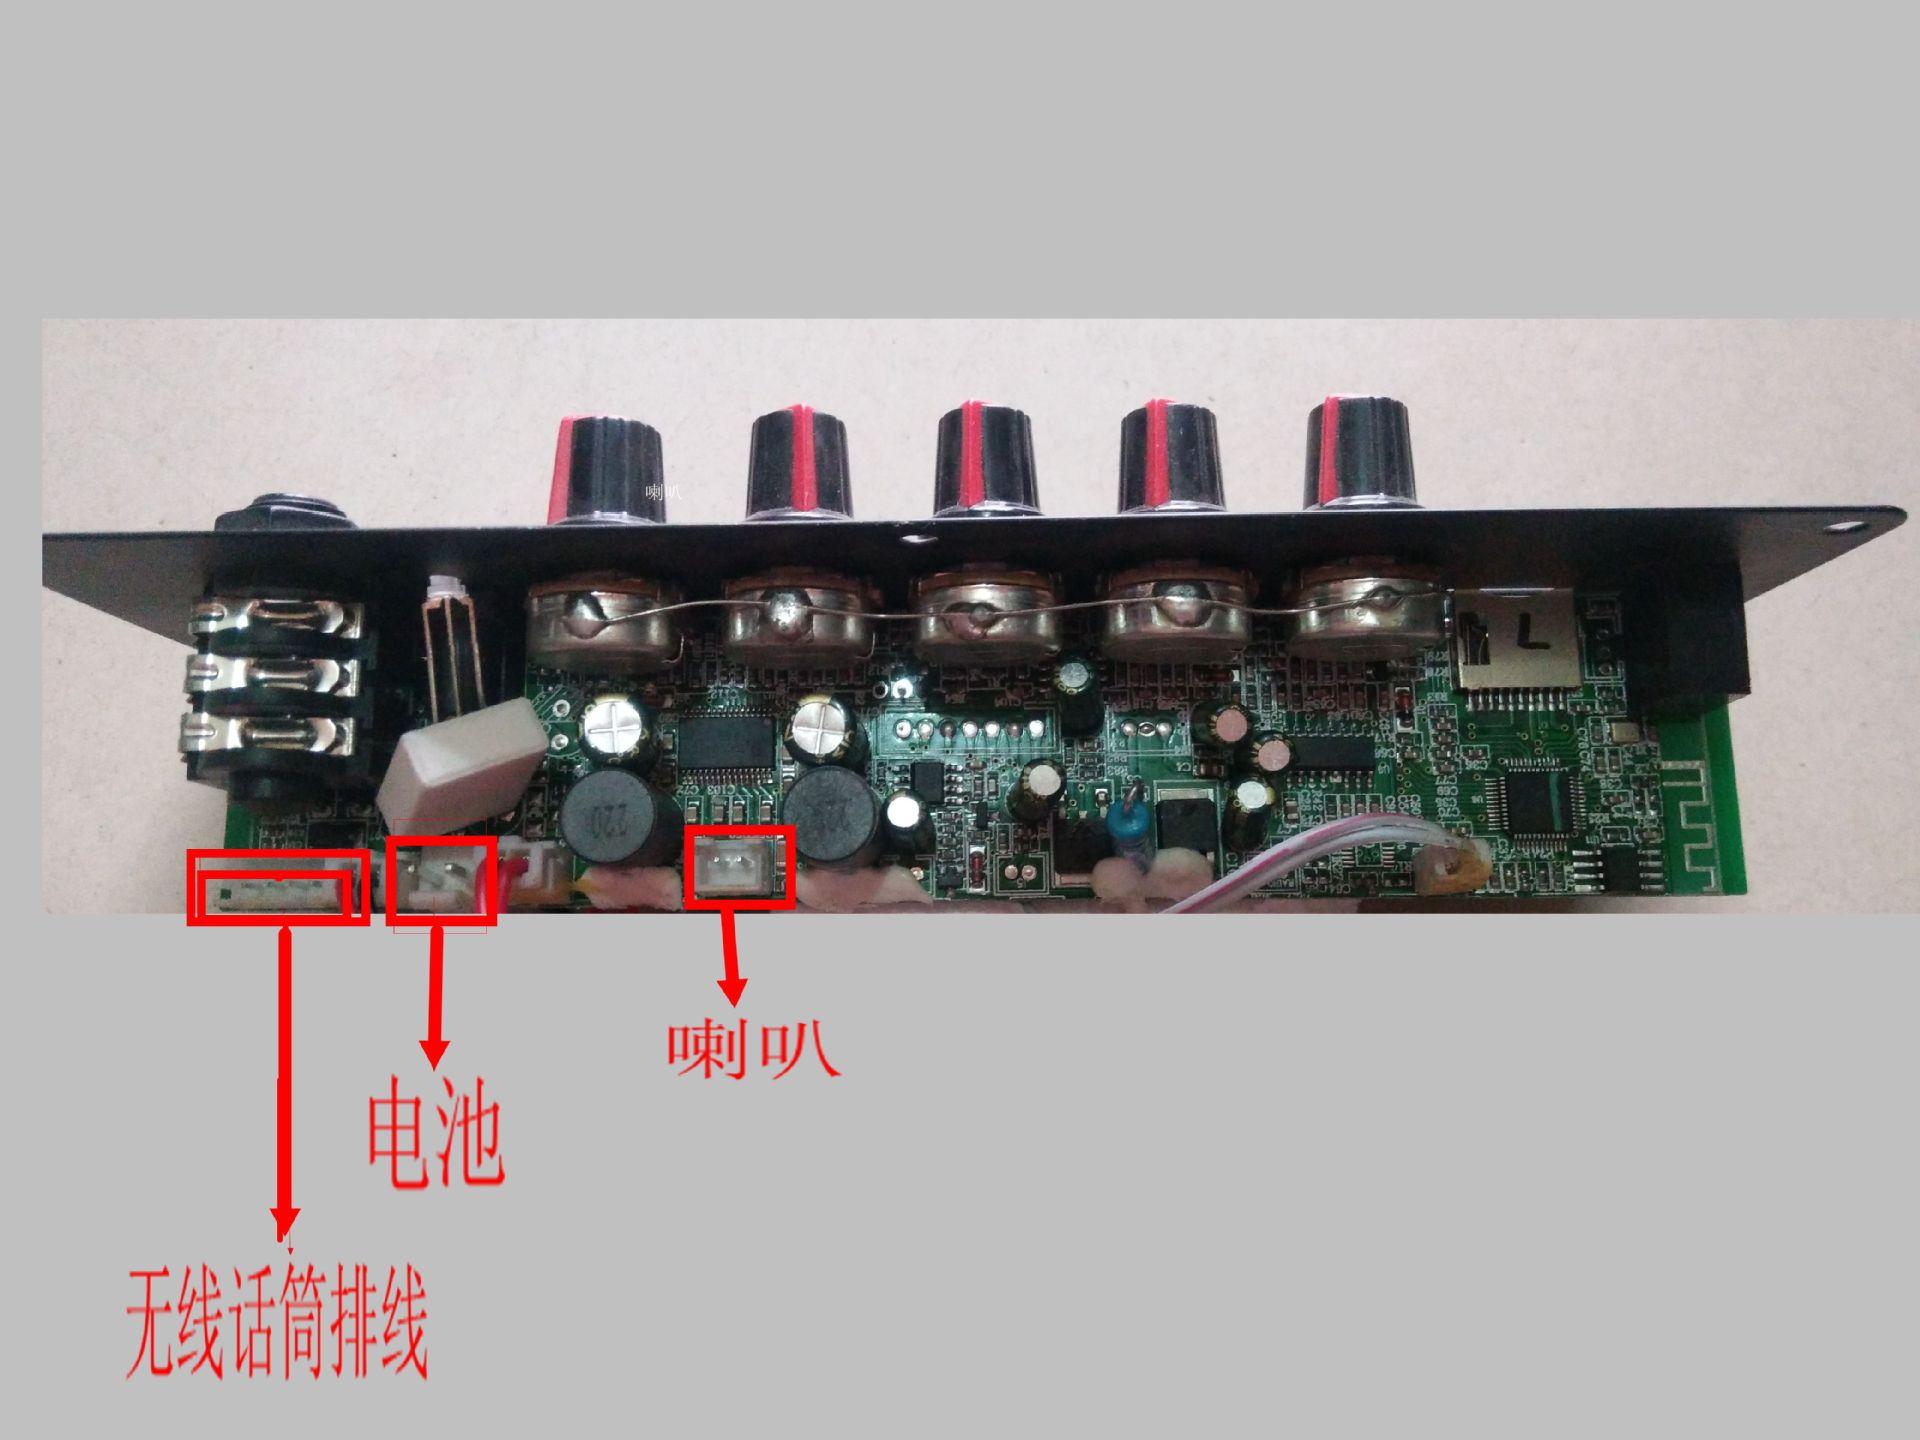 特美声音箱a8-12主板蓝牙录音语音话筒优先音箱主板